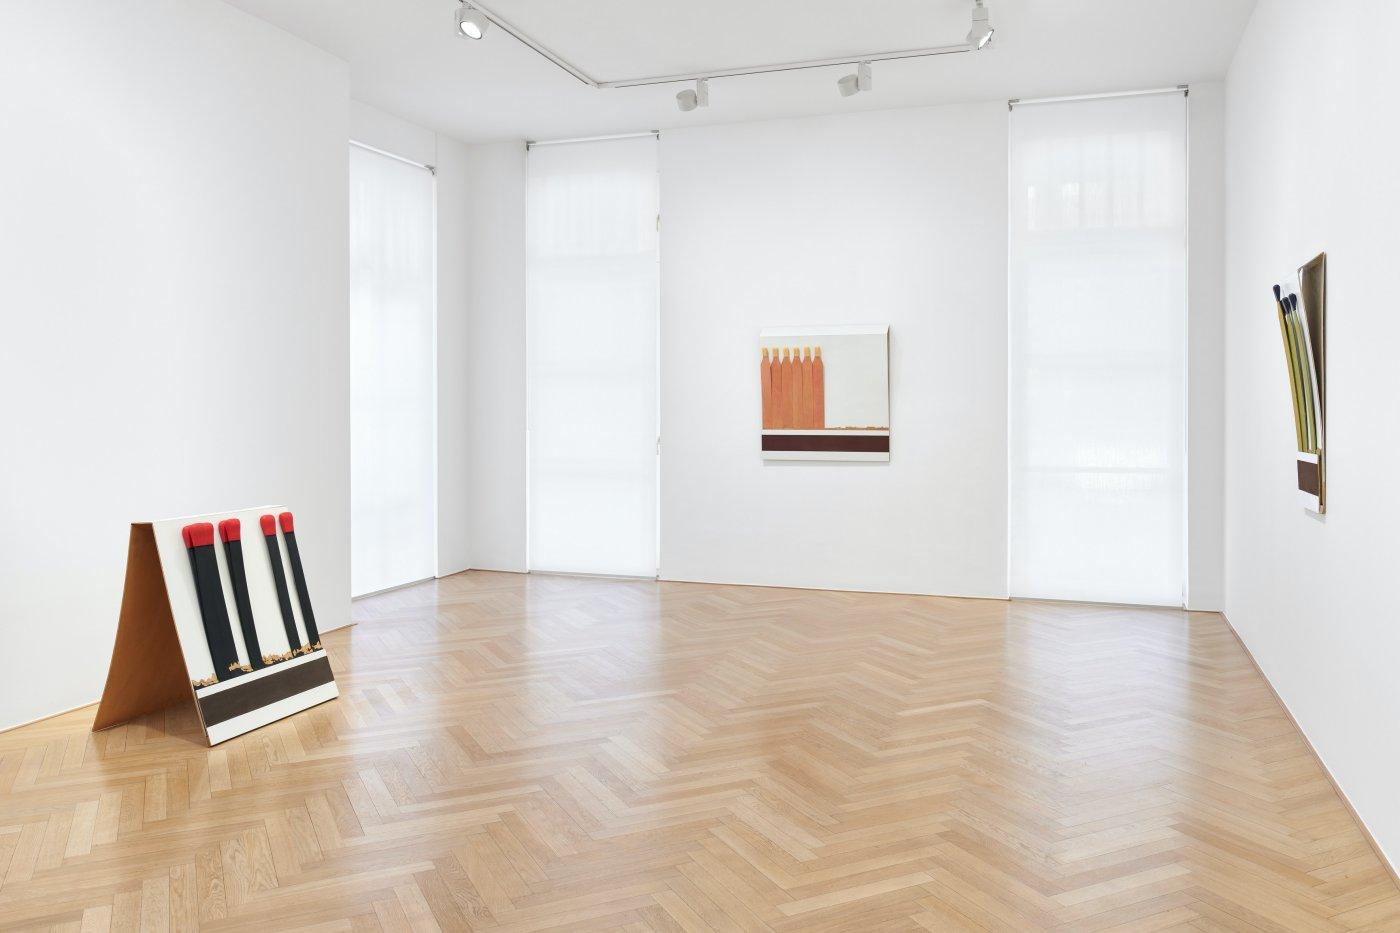 Galerie Max Hetzler Bleibtreustr Raymond Hains 3